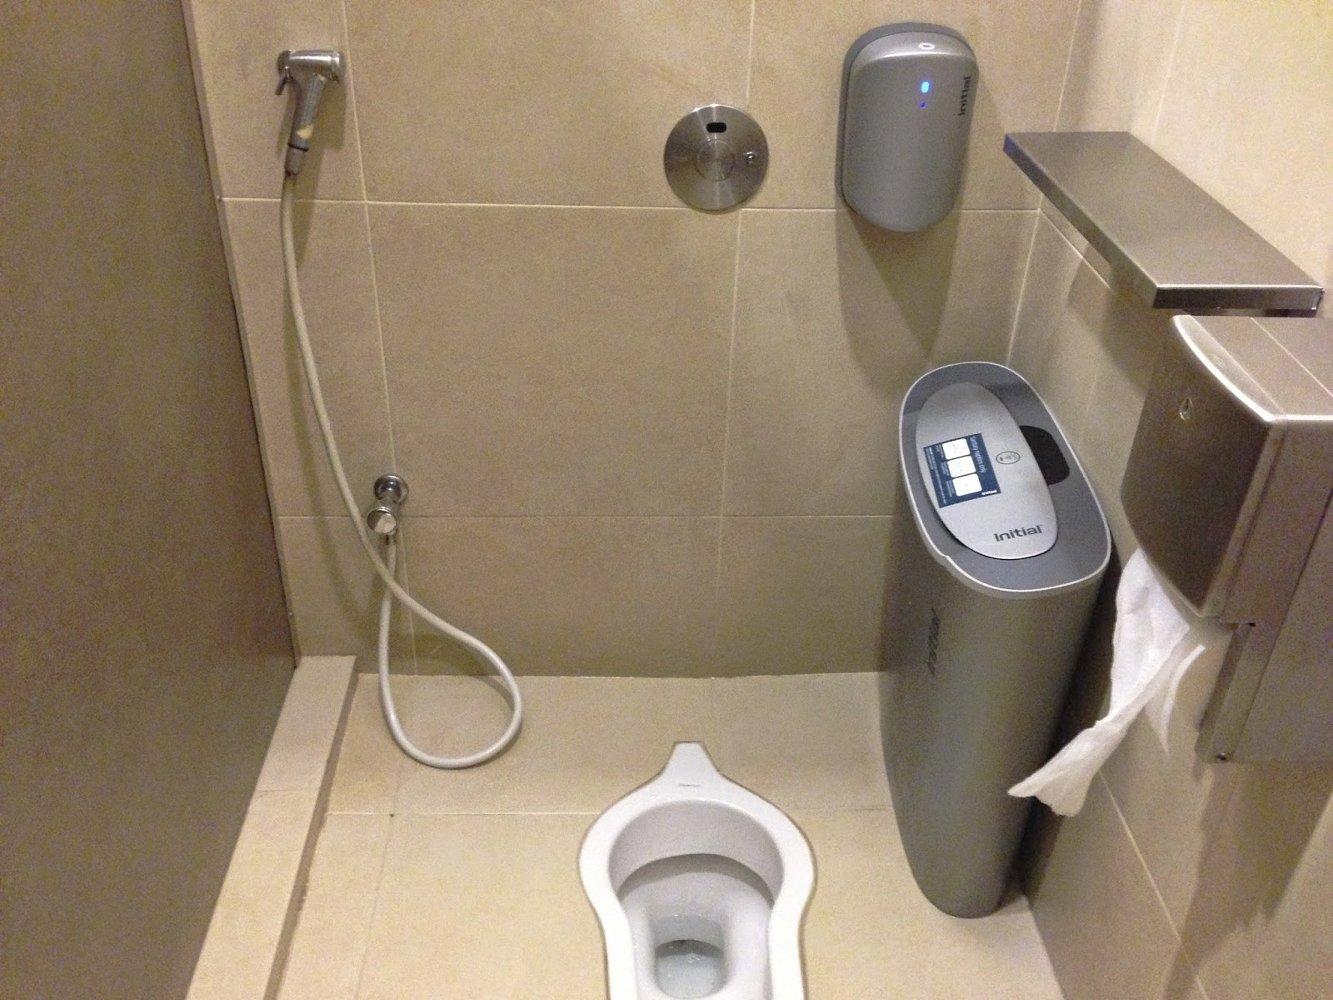 Общественный туалет в Сингапуре, оборудованный с учётом культурных традиций представителей исламской культуры